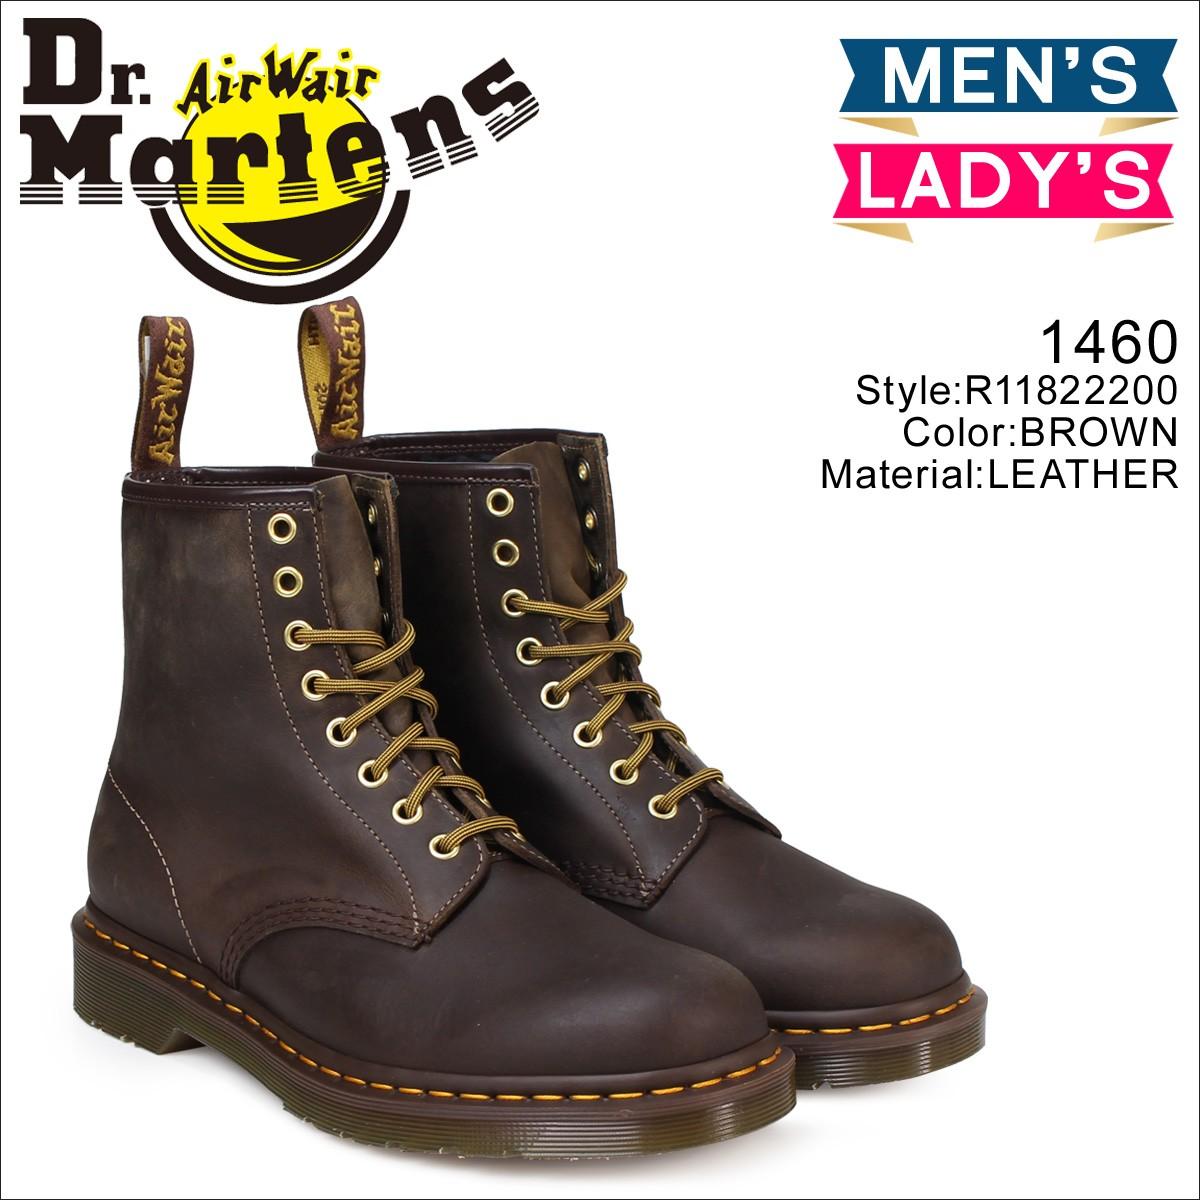 ドクターマーチン 8ホール 1460 メンズ レディース Dr.Martens ブーツ 8EYE BOOT R11822200 [8/2 追加入荷]